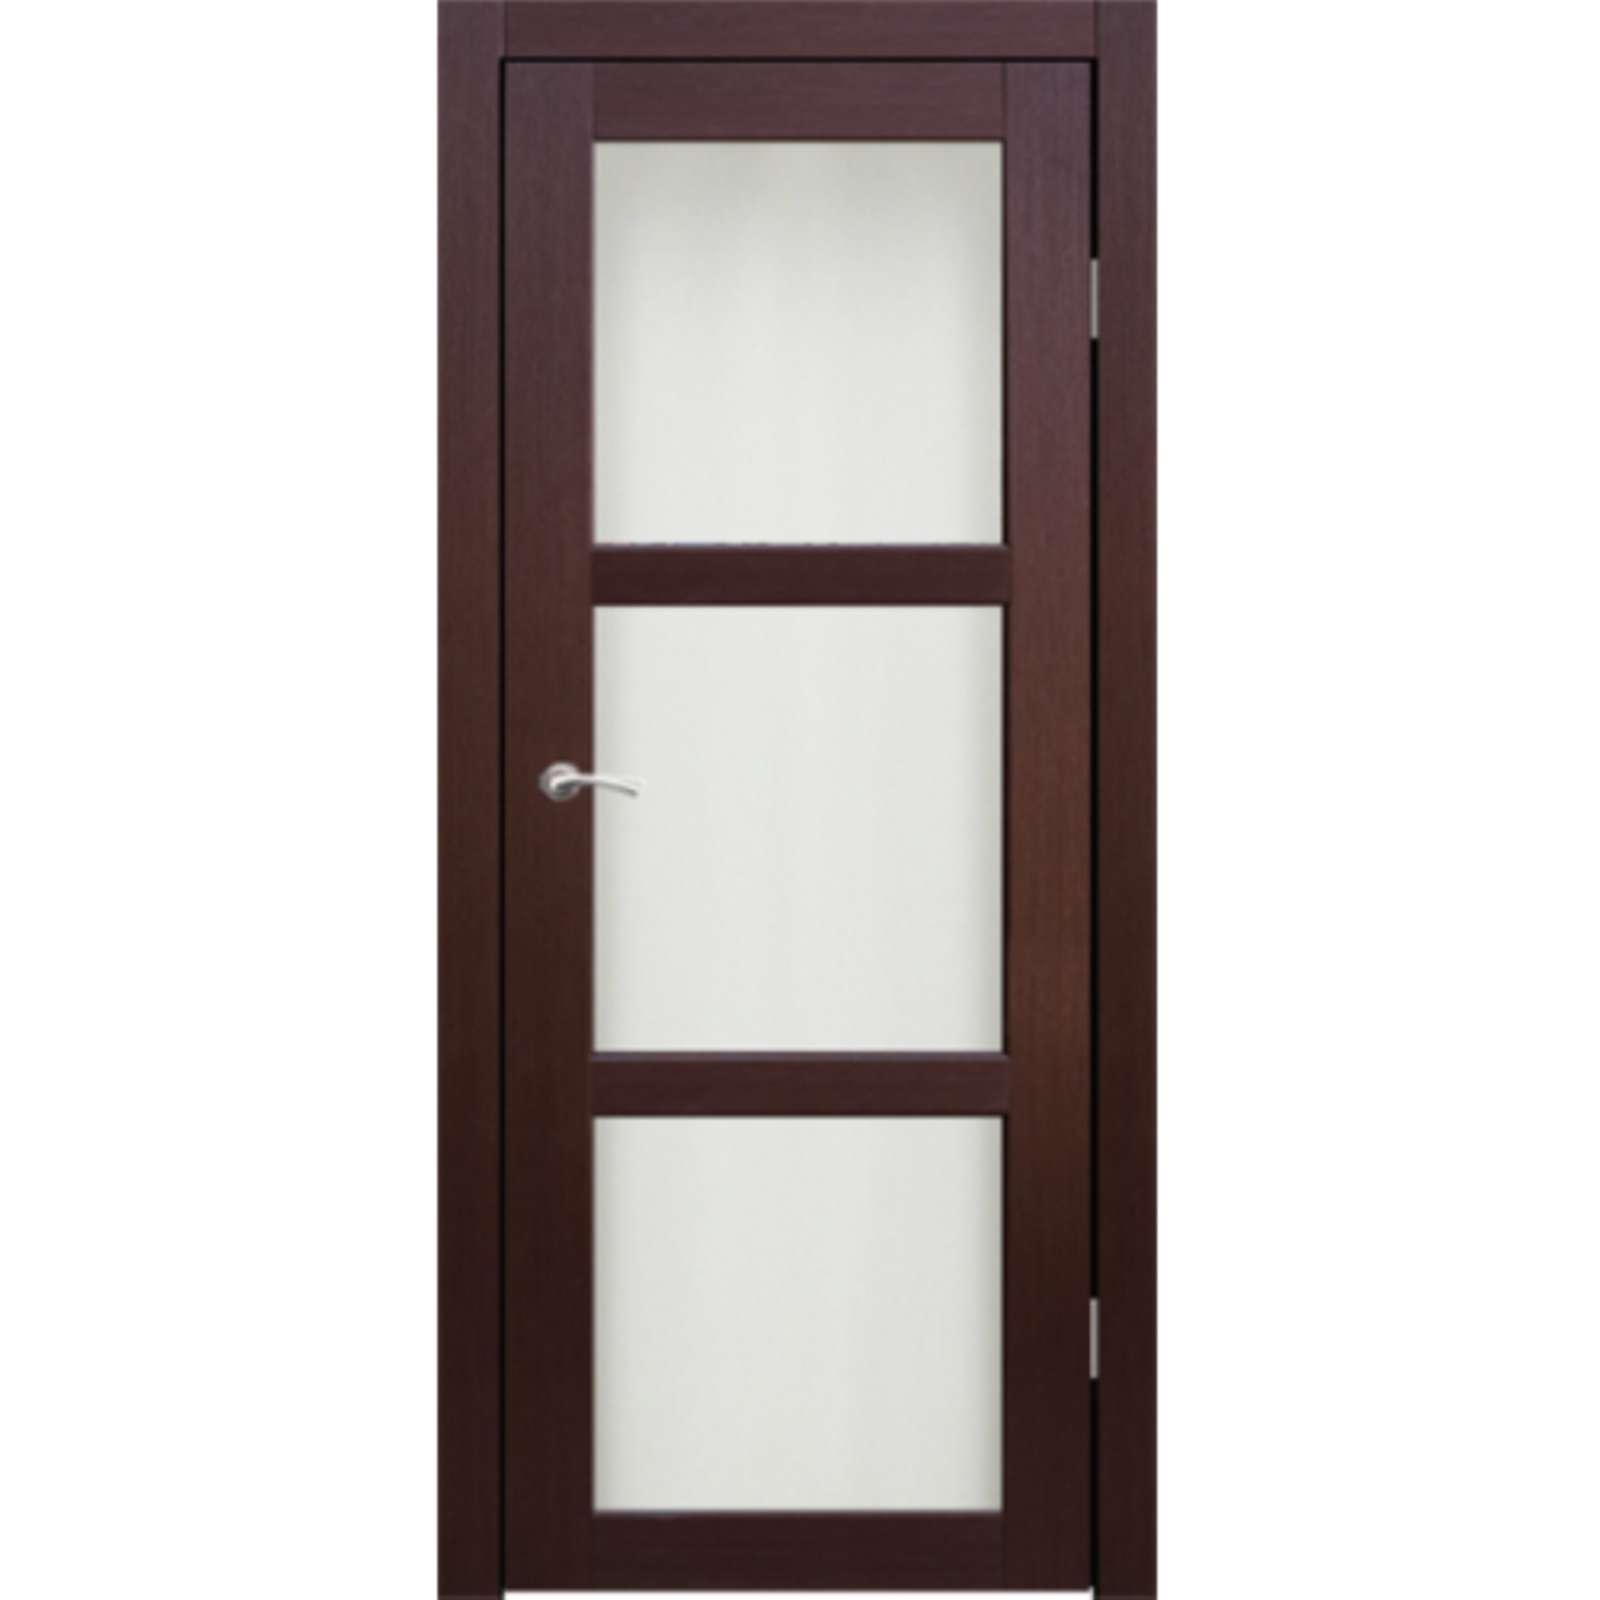 Полотно дверное остекленное Гарде (стекло Лакобель белое) СИНЕРЖИ венге ПВХ, ПДО 800х2000мм